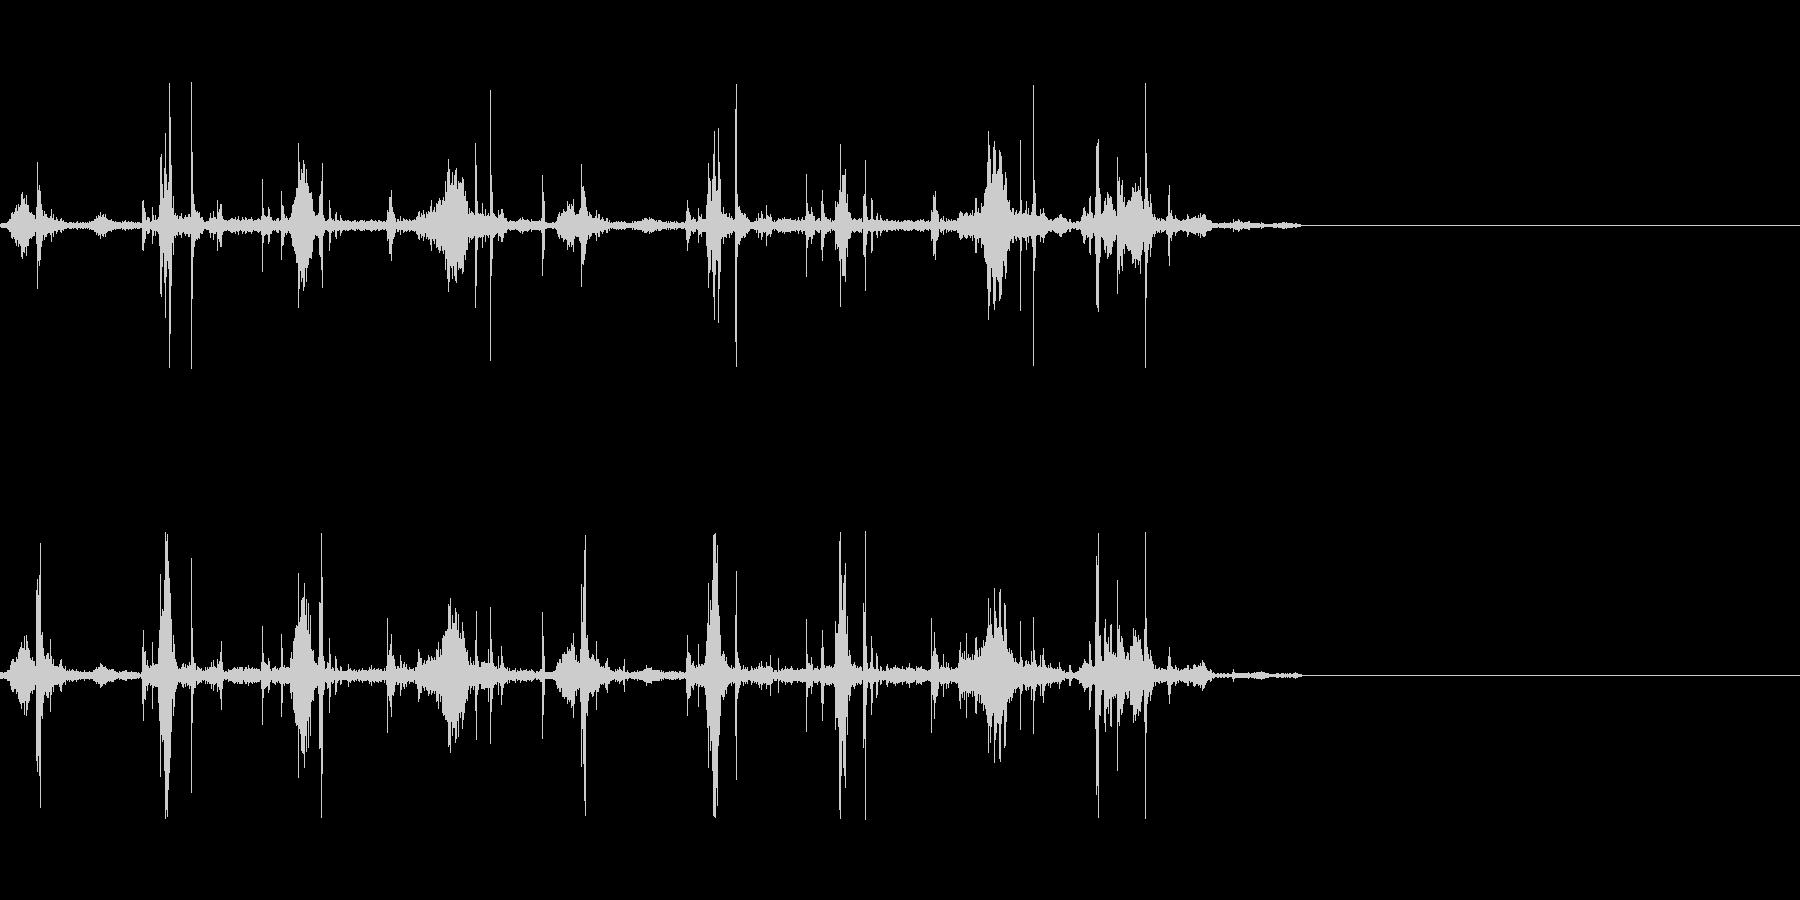 軽く走る音(湿り気のある場所)の未再生の波形